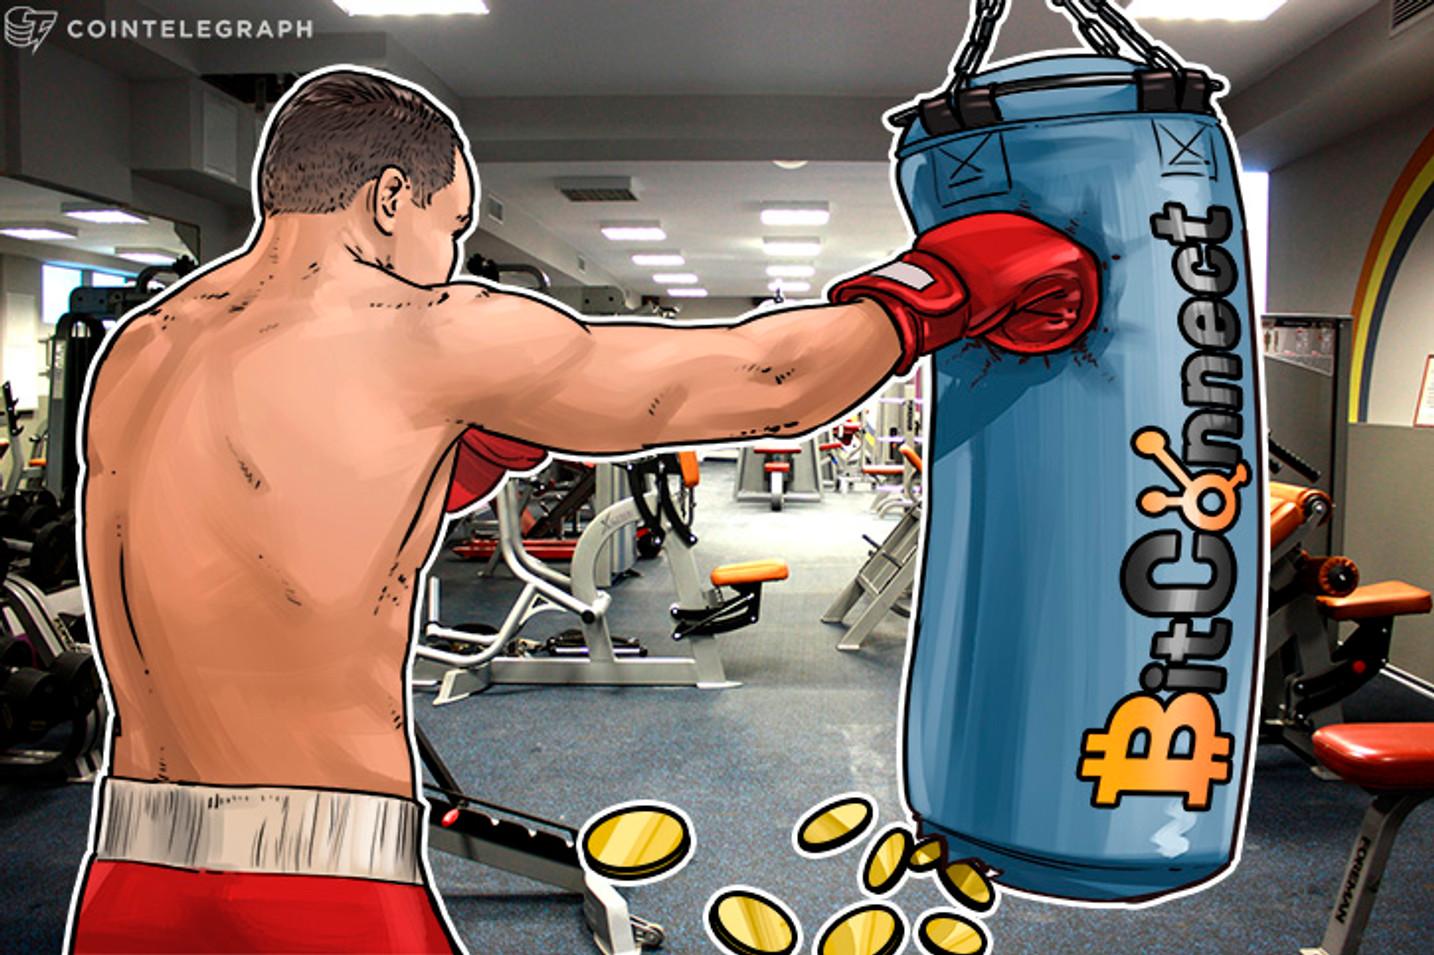 Investidores movem ação contra o Bitconnect depois de seu fechamento